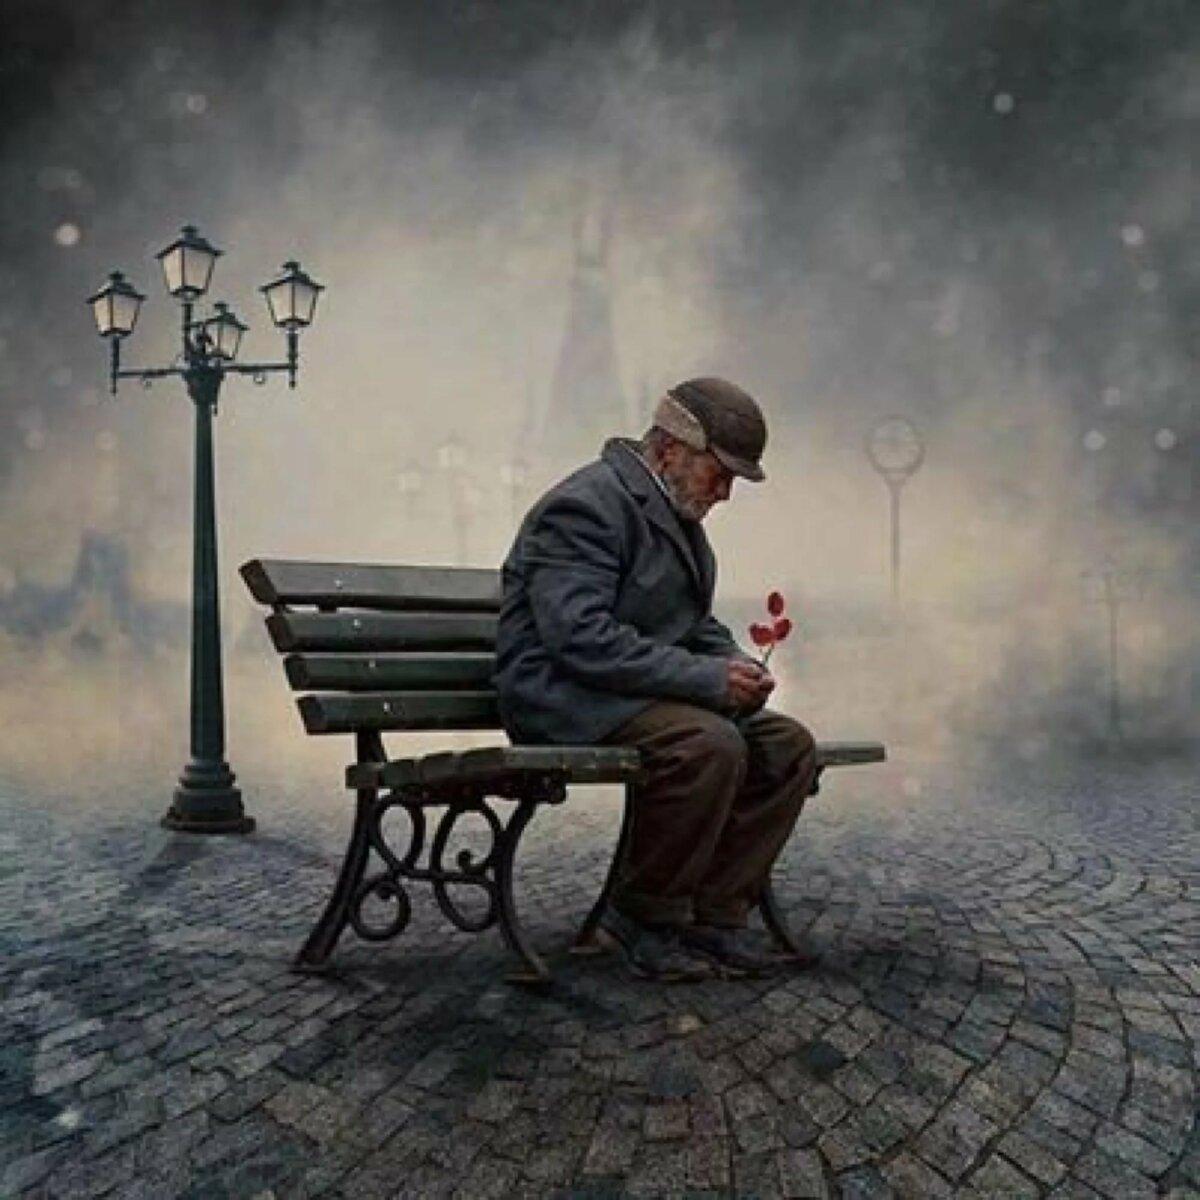 отыщите одиночество лучше чем пустые люди картинки молодое